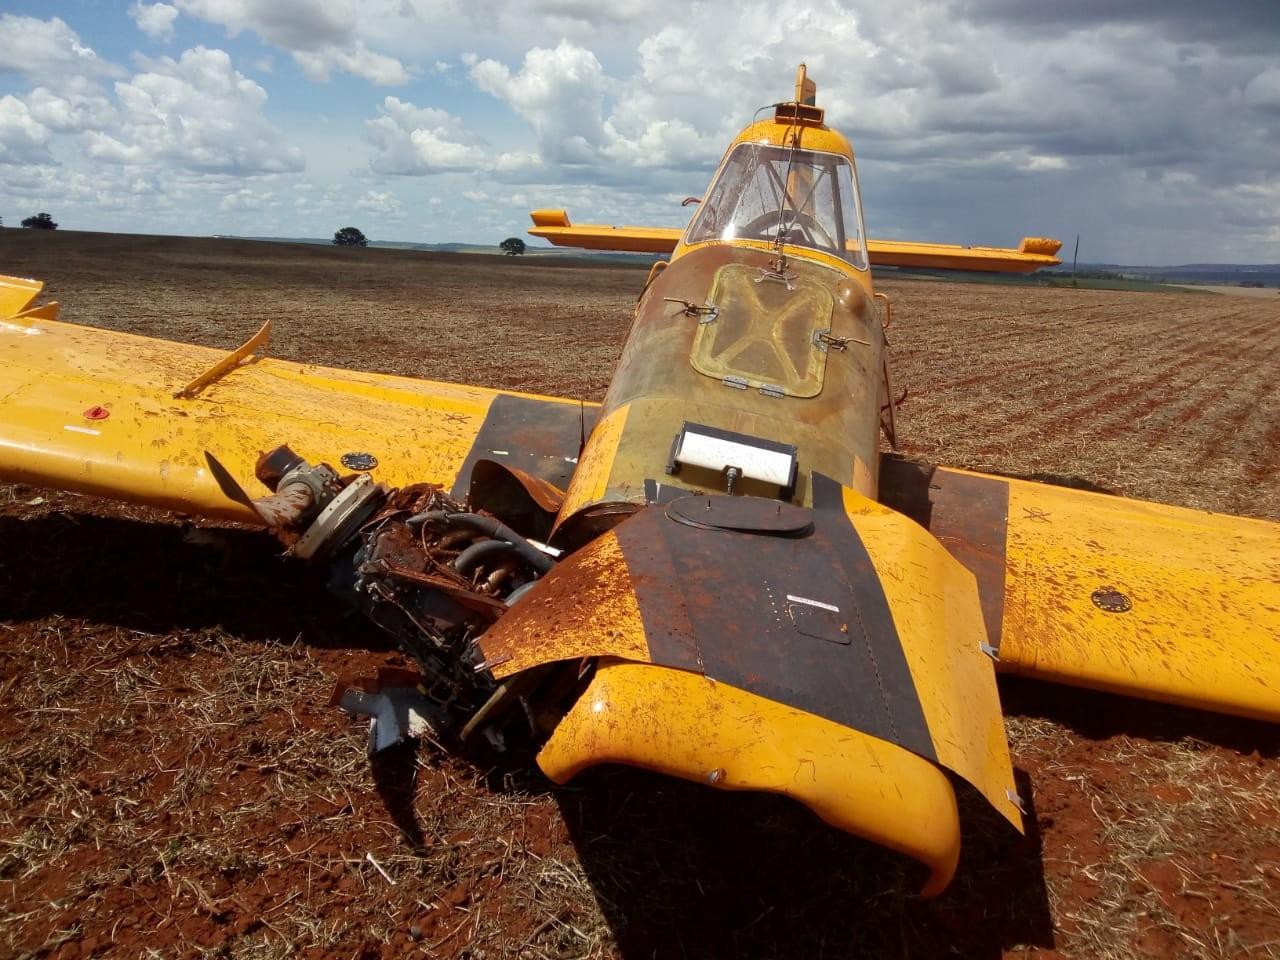 Aeronave de pequeno porte sofre acidente em fazenda na BR-365, em Patrocínio